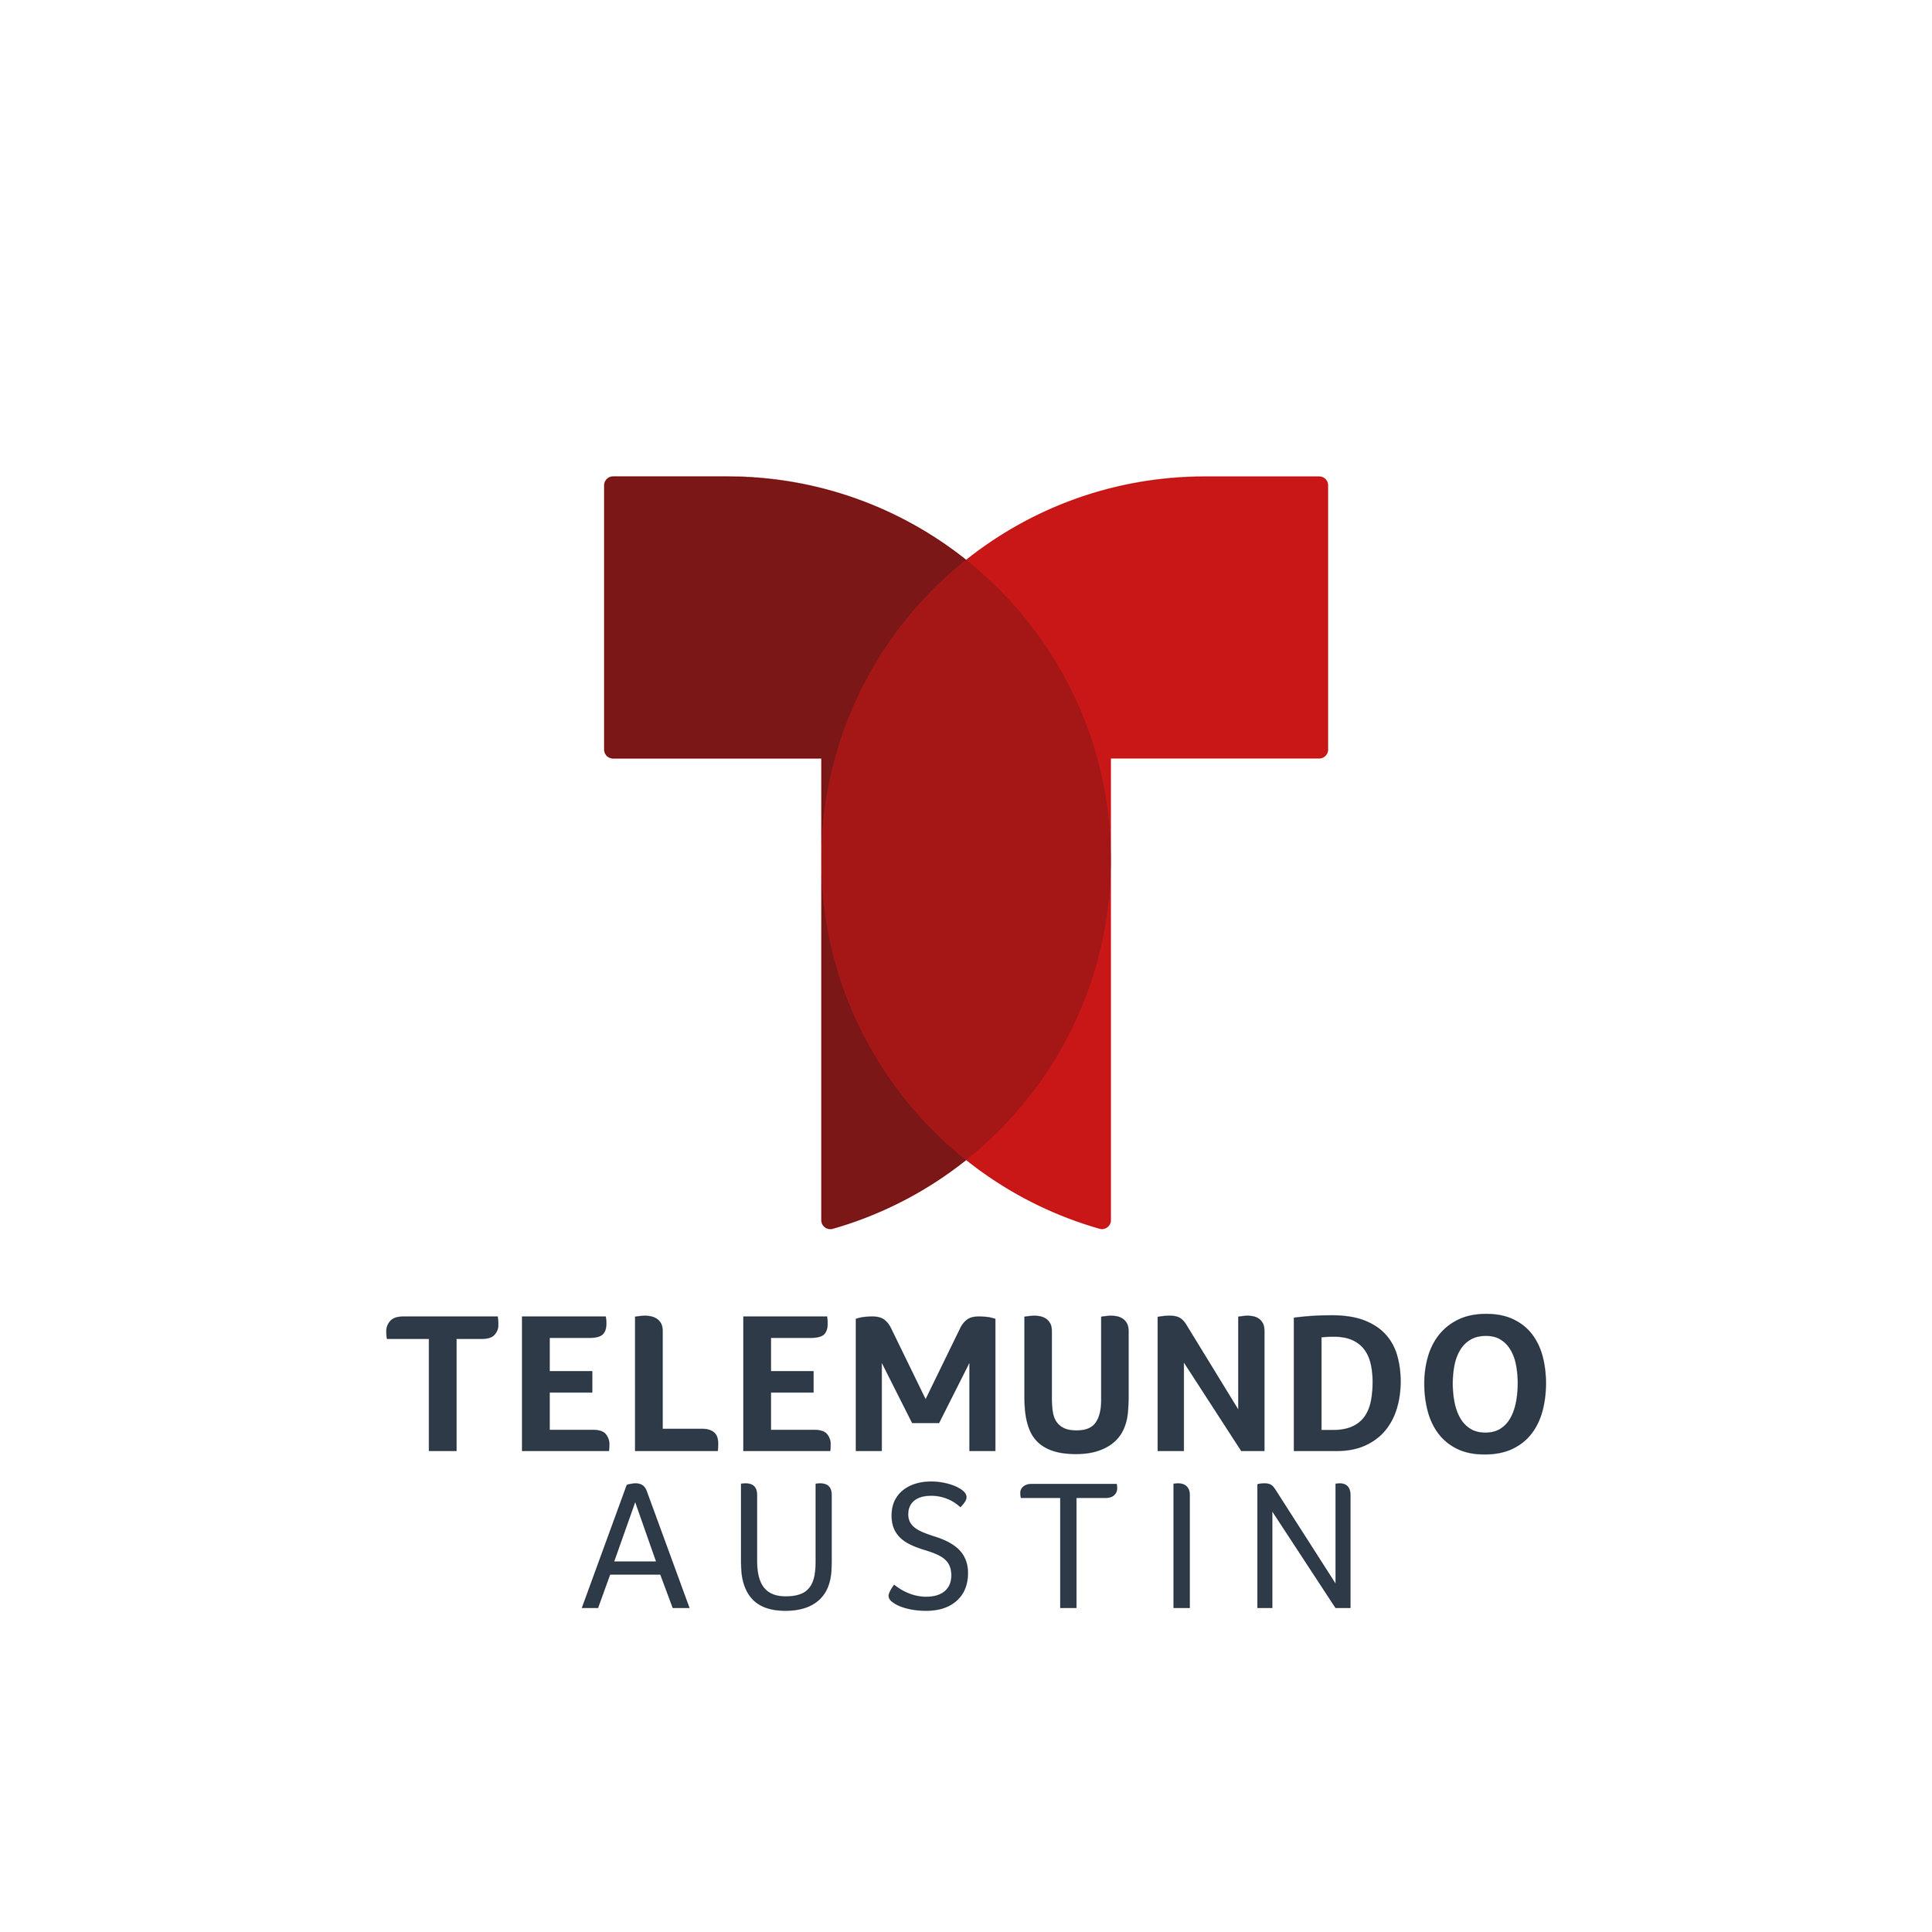 TELEMUNDO AUSTIN_RGB.jpg